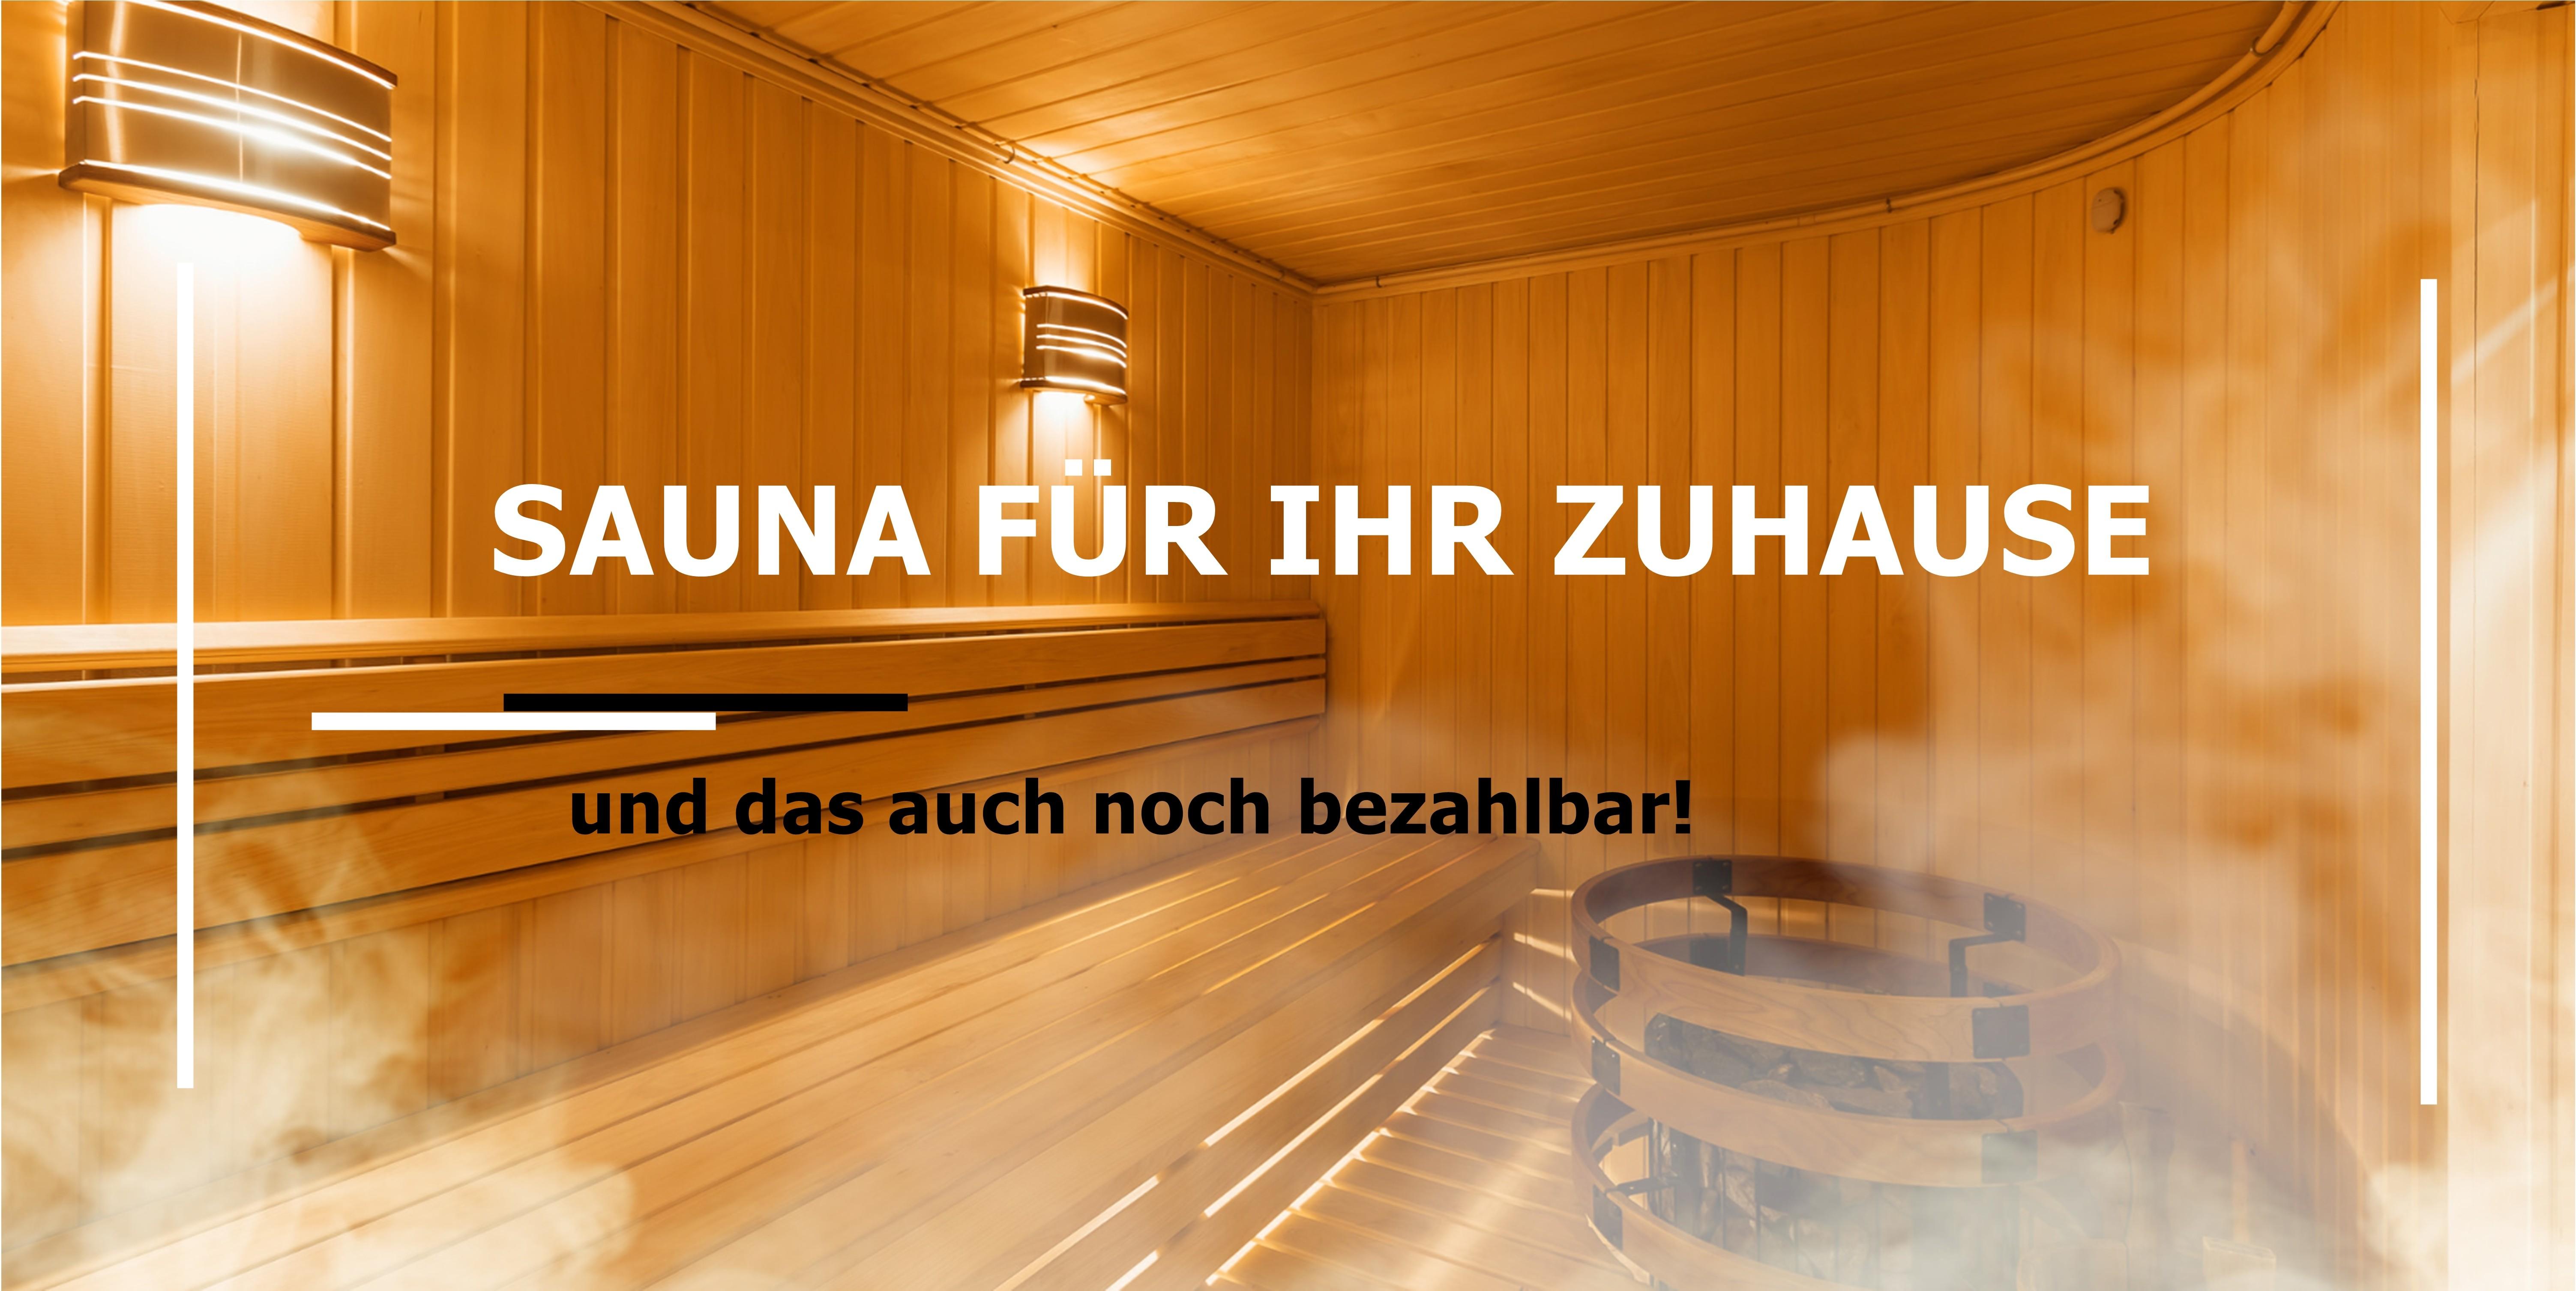 Sauna bau Deutschland